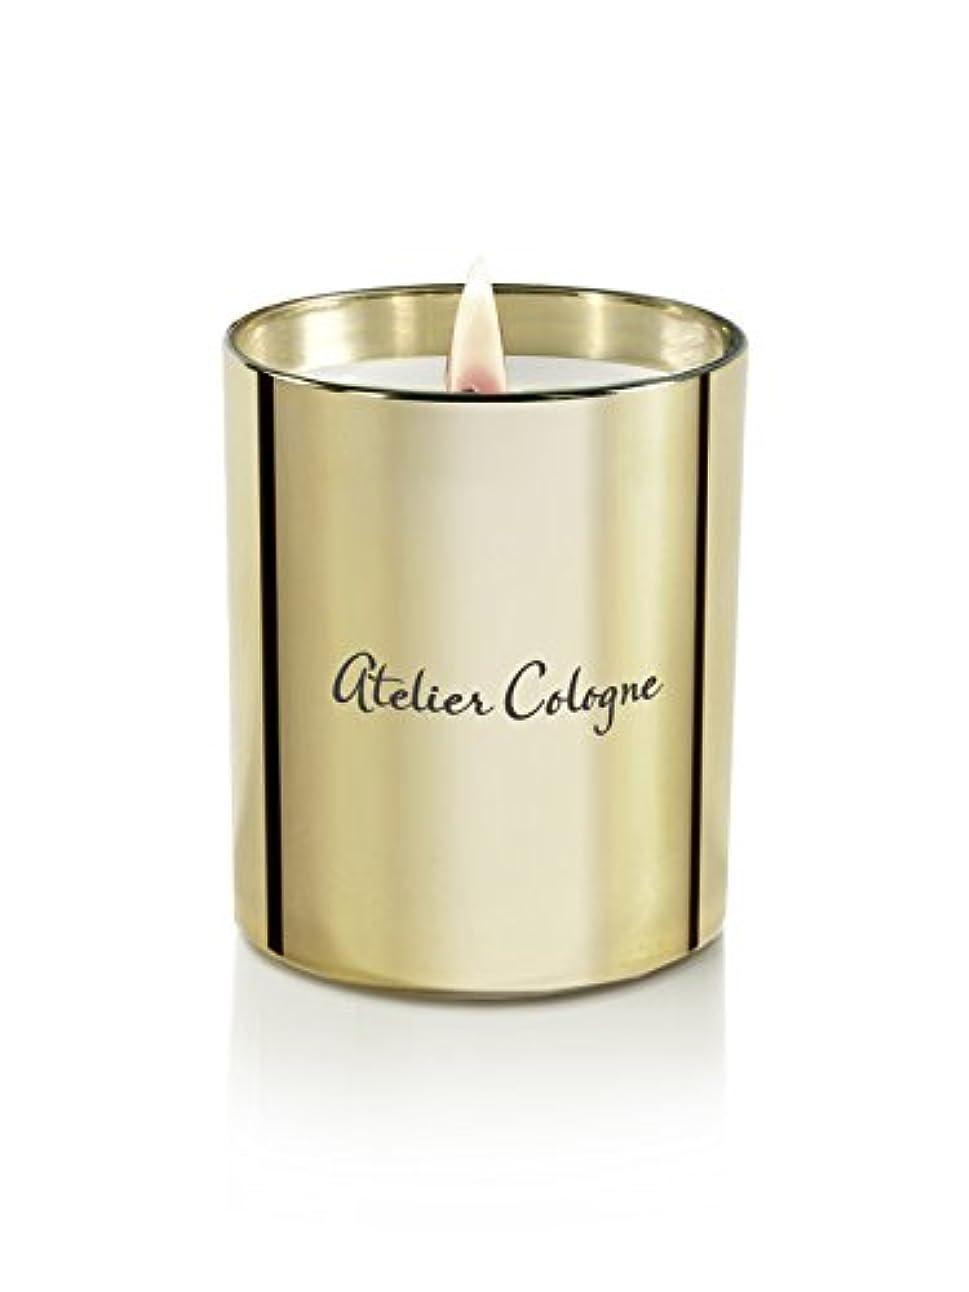 特権的寸前結紮アトリエコロン Bougie Candle - Gold Leather 190g/6.7oz並行輸入品